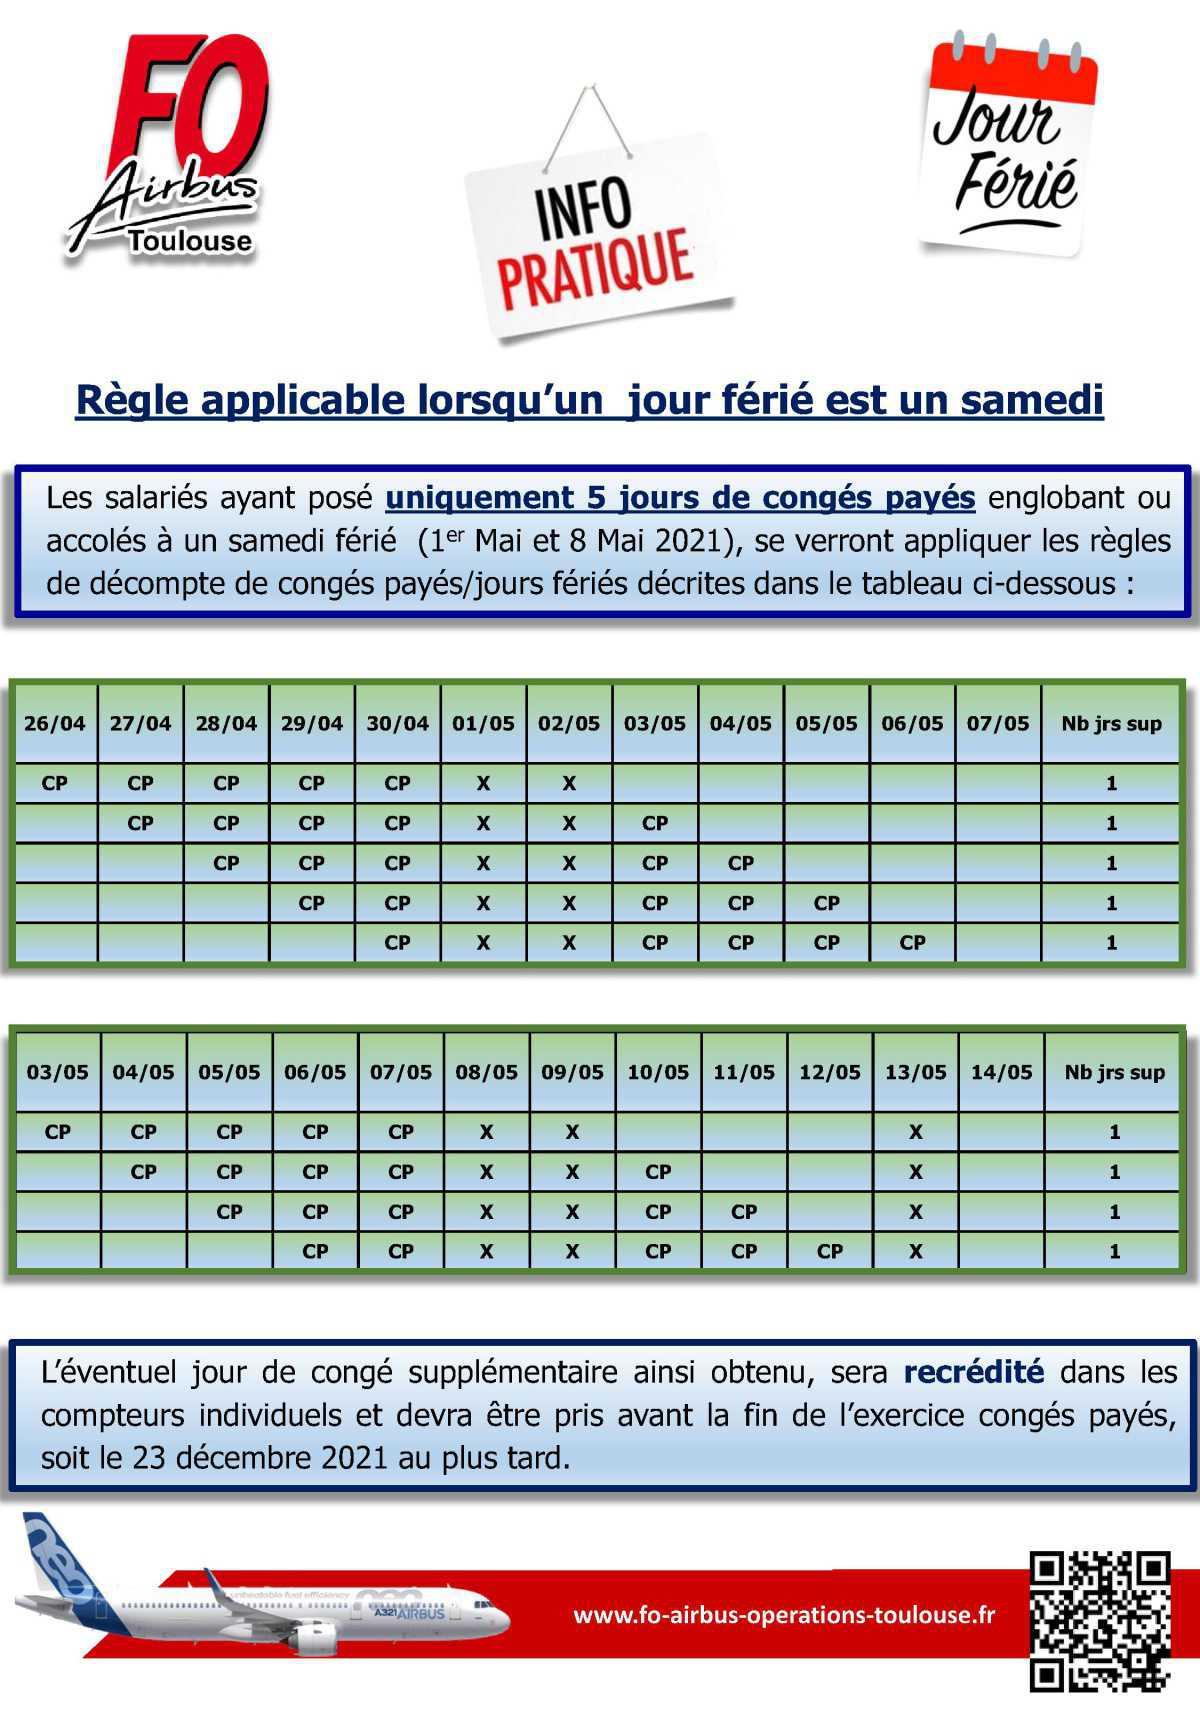 Info Pratique: Règle applicable lorsqu'un jour férié est un samedi (1er Mai et 8 Mai 2021)